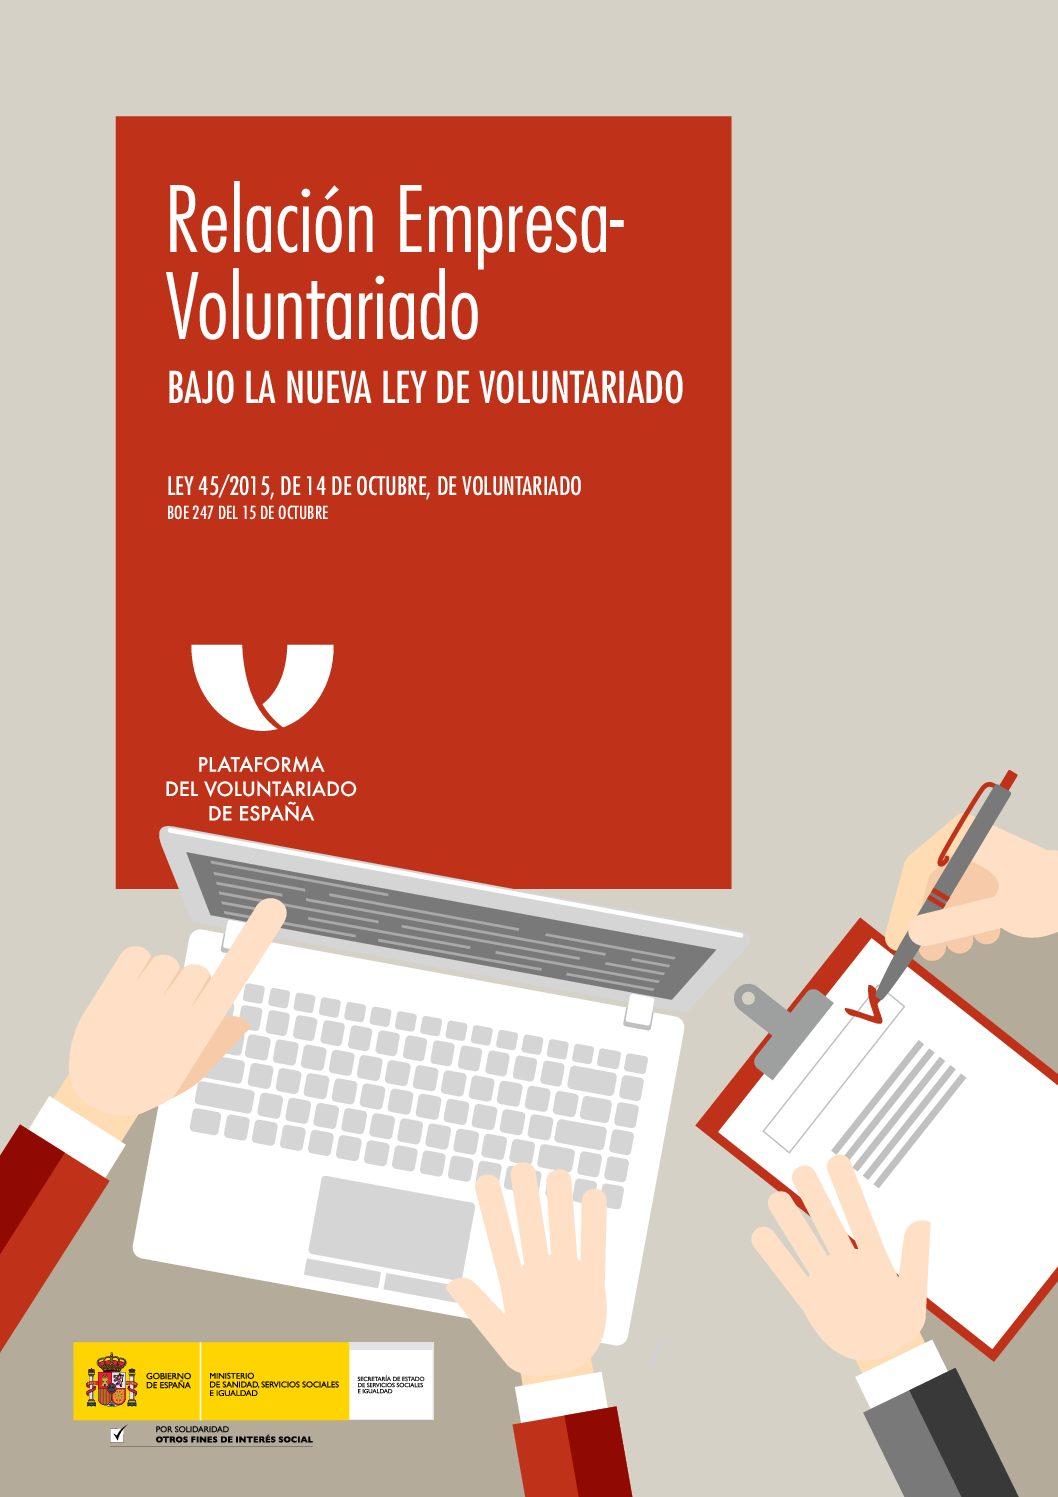 relacion-empresa-voluntariado.-bajo-la-nueva-ley-de-voluntariado